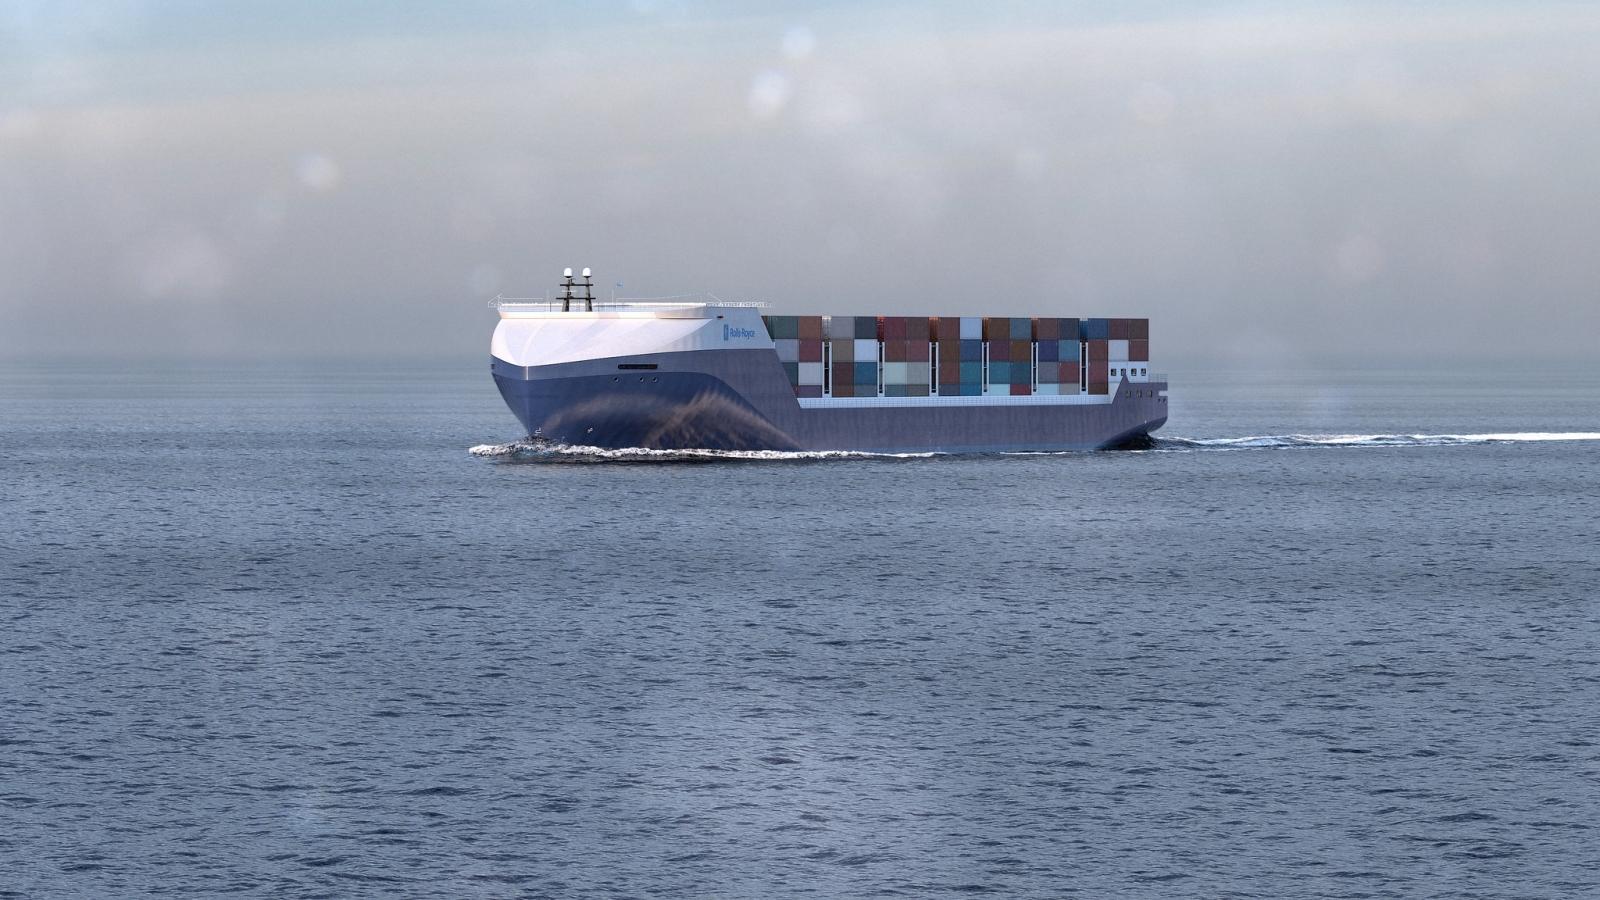 Rolls Royce cargo ship concept